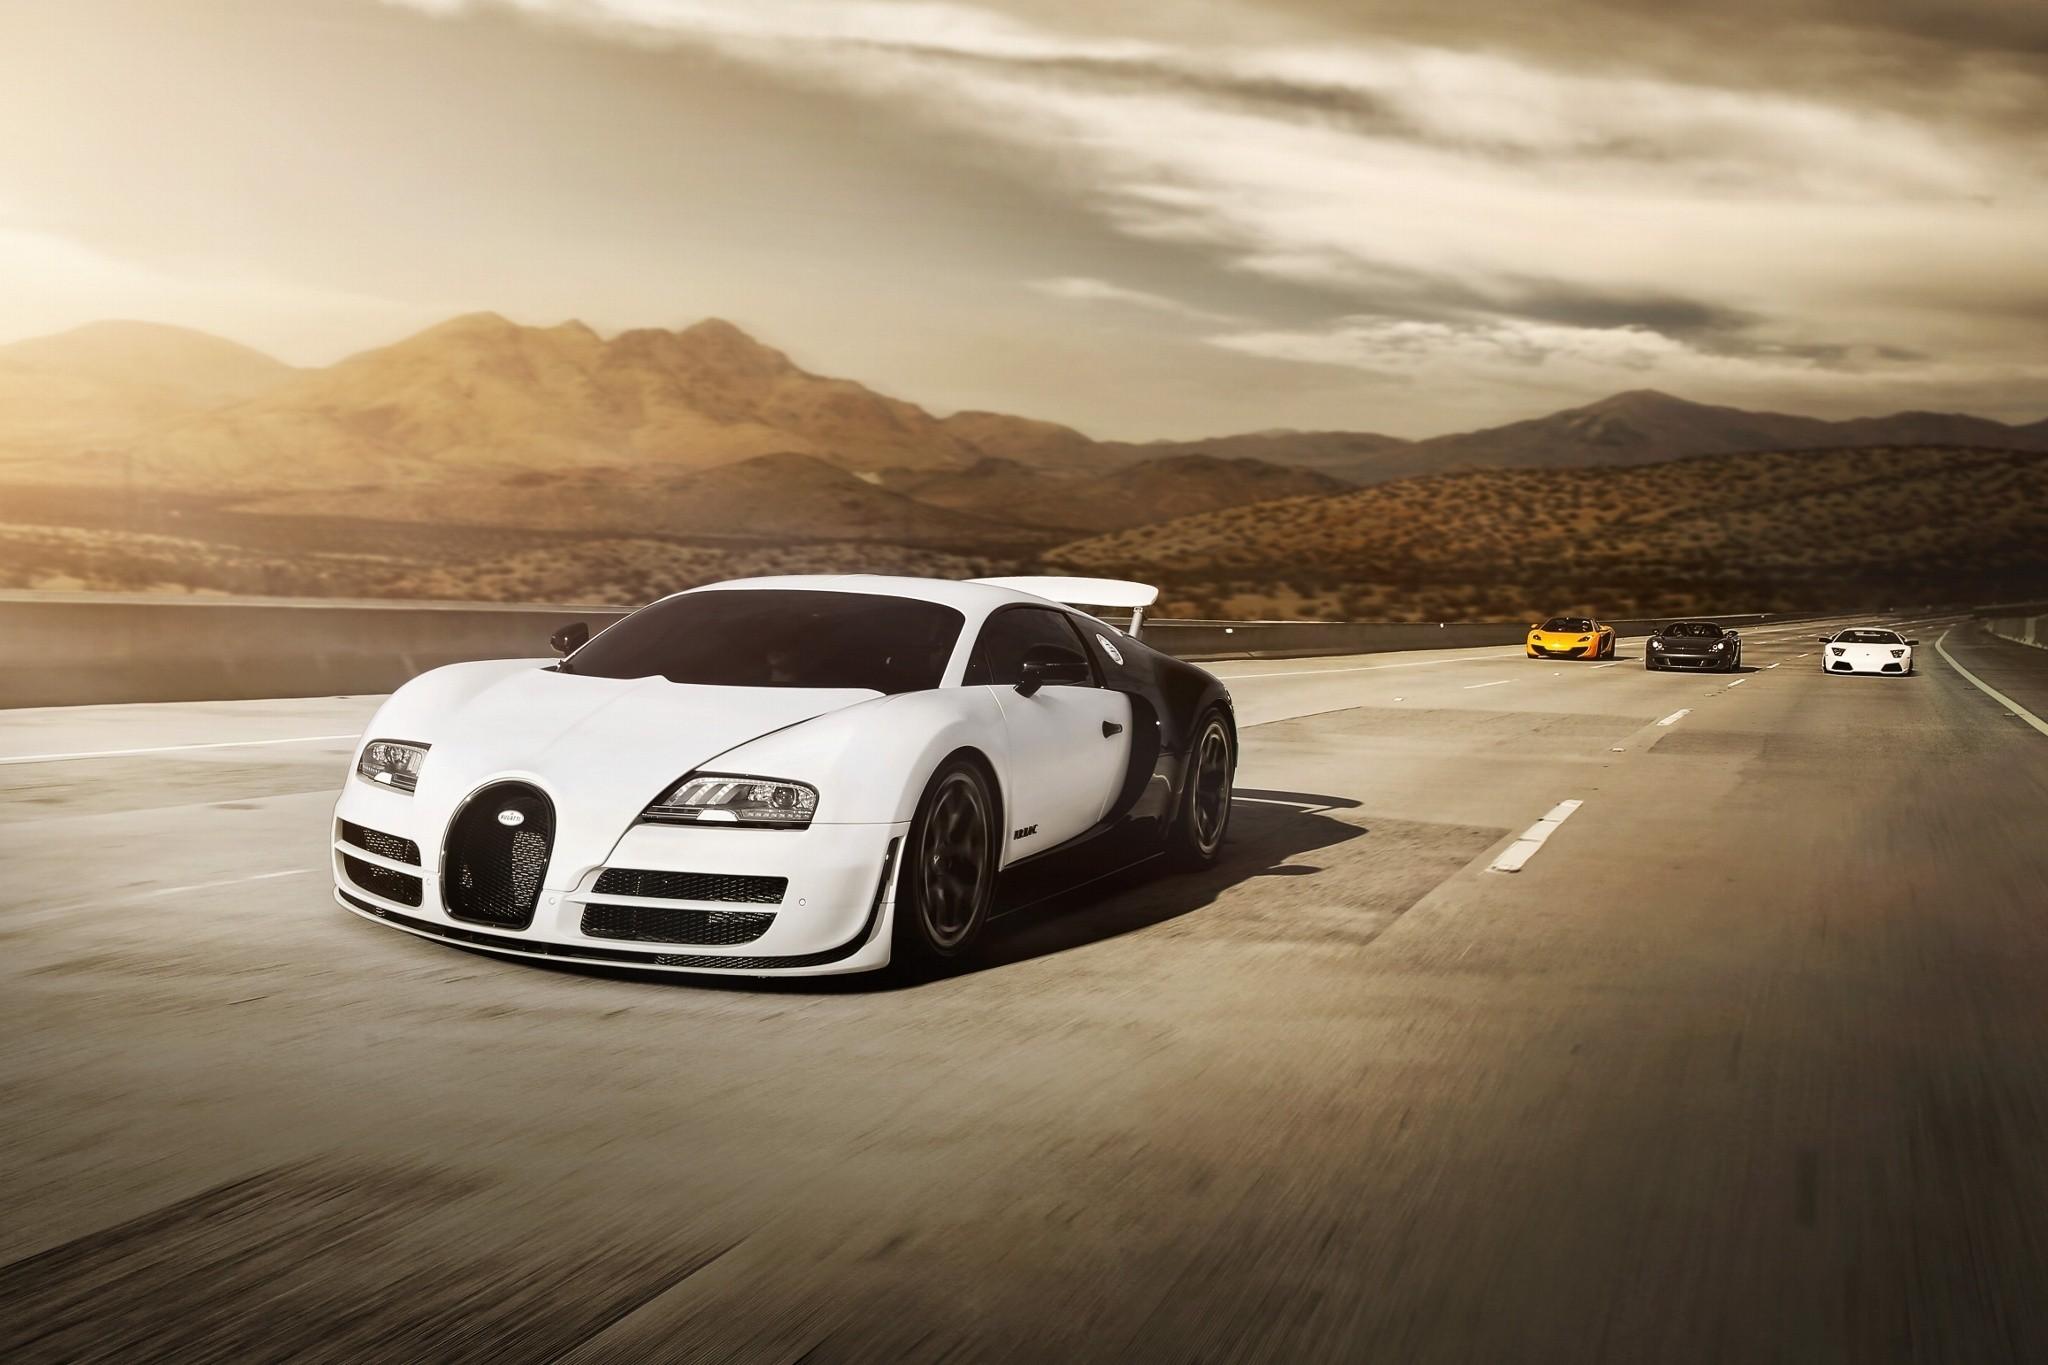 Bugatti Super Sport >> Taustakuvat 2048x1365 Px Bugatti Veyron Super Sport Auto